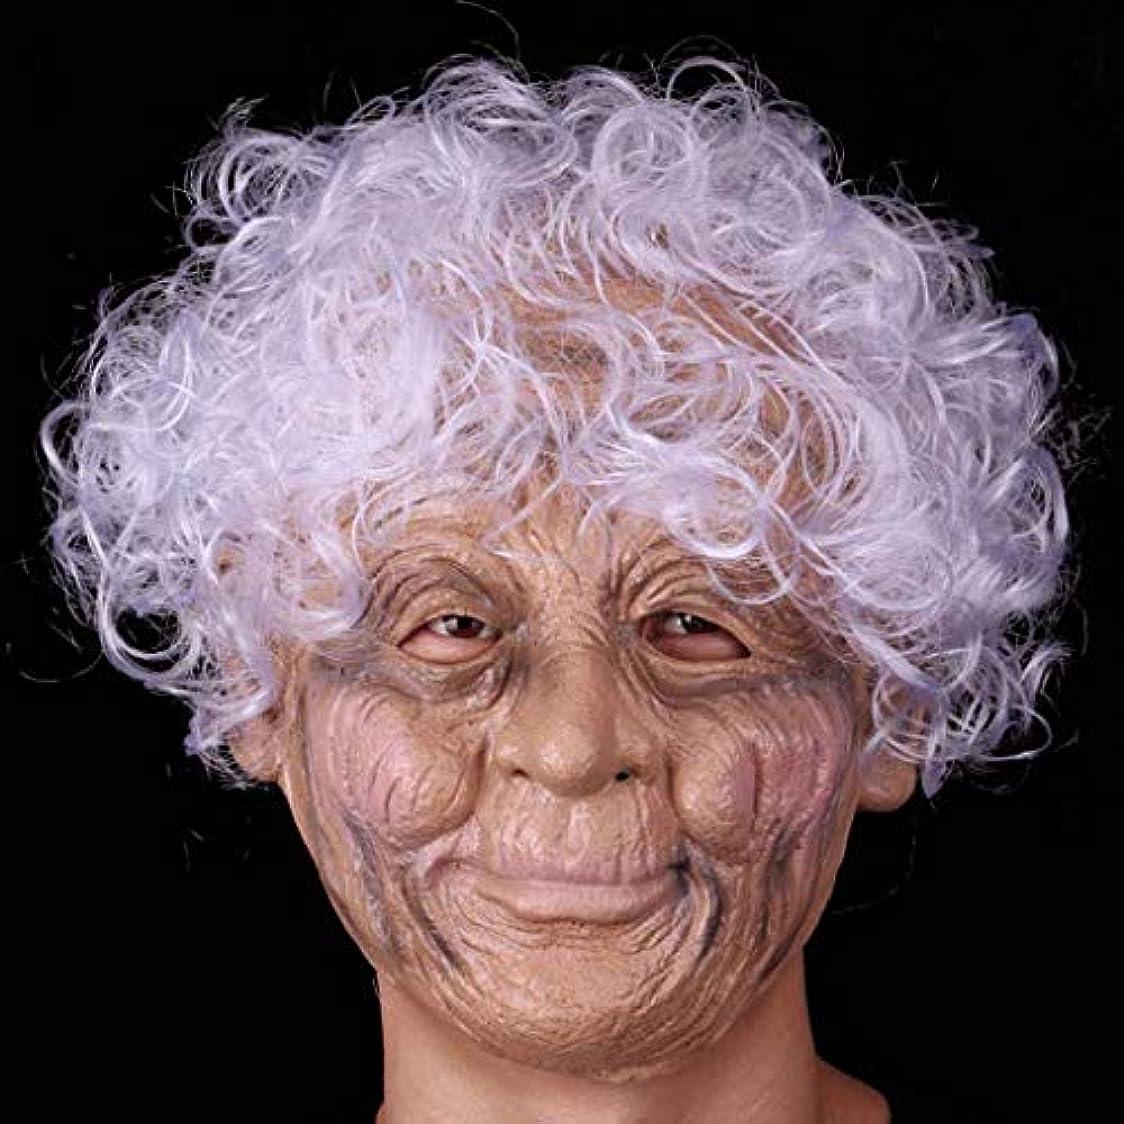 割り込みどちらもメイエラハロウィンラテックスフルフェイスマスクしわ魔女マスクおばあちゃんと白髪衣装プロップパーティーコスプレ